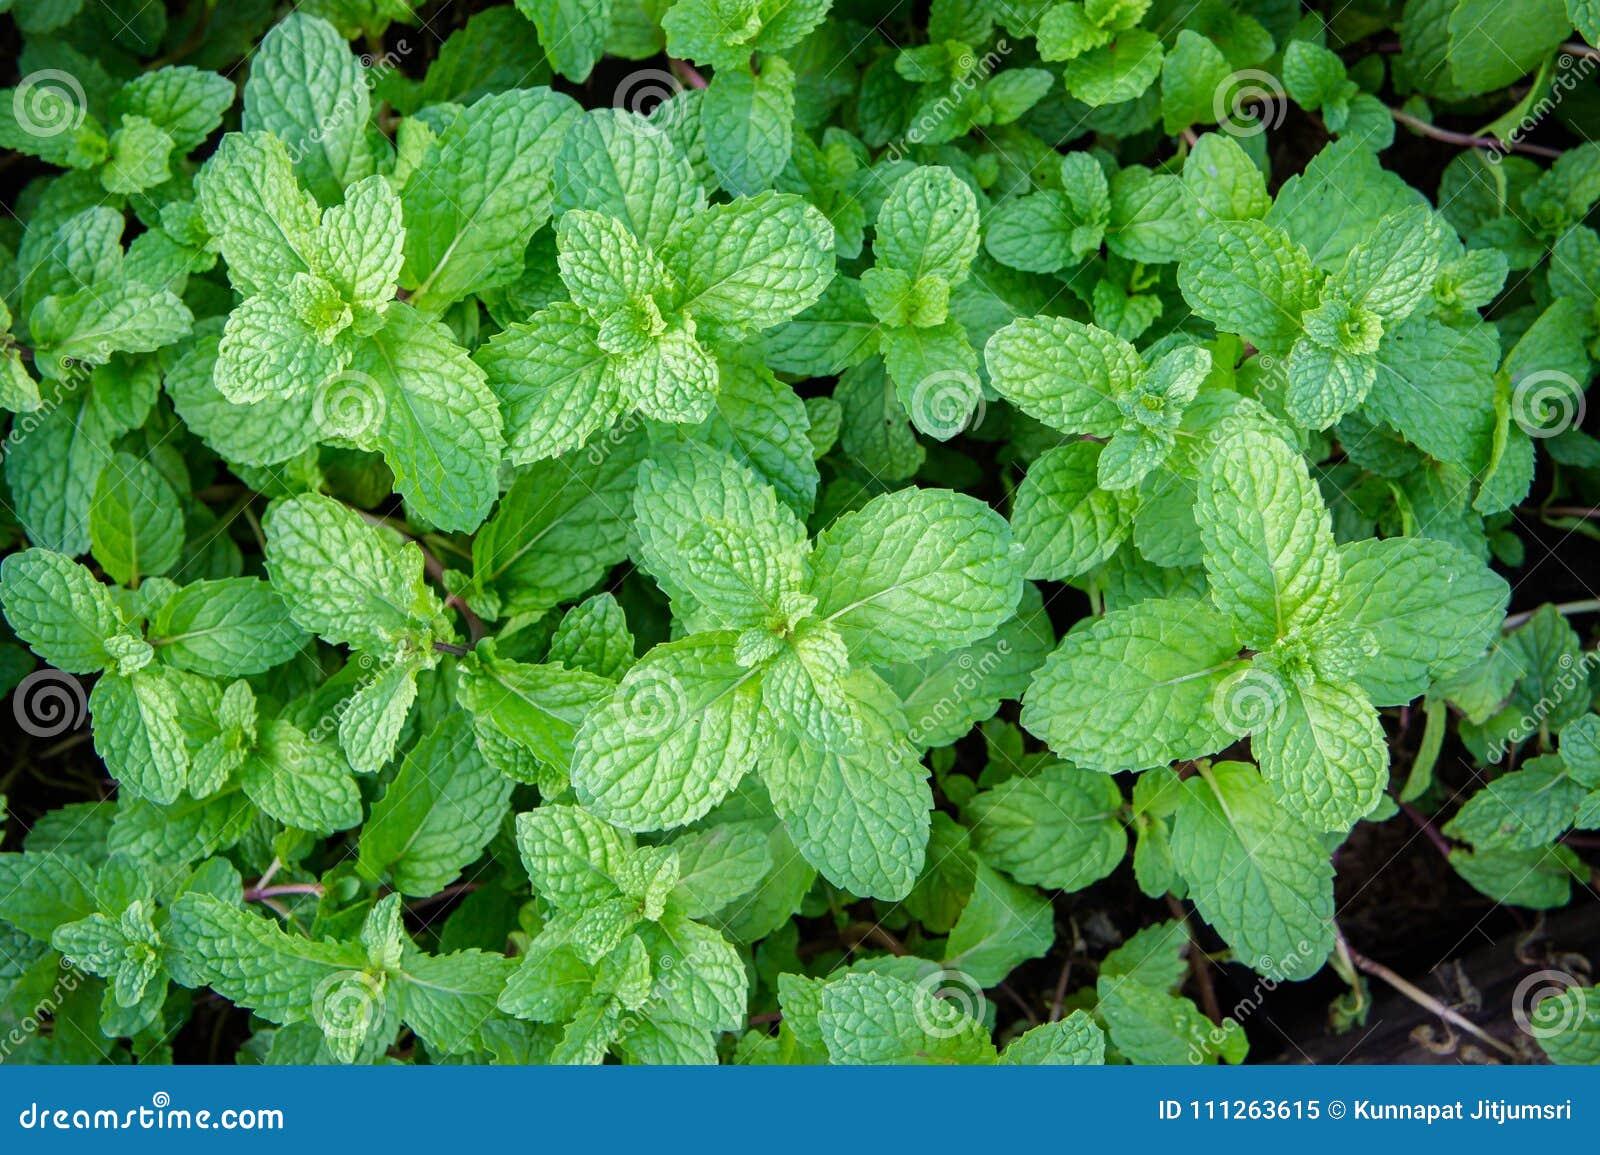 Miętowy ziele lub warzywa w ogródzie roślina jesteśmy pożytecznie